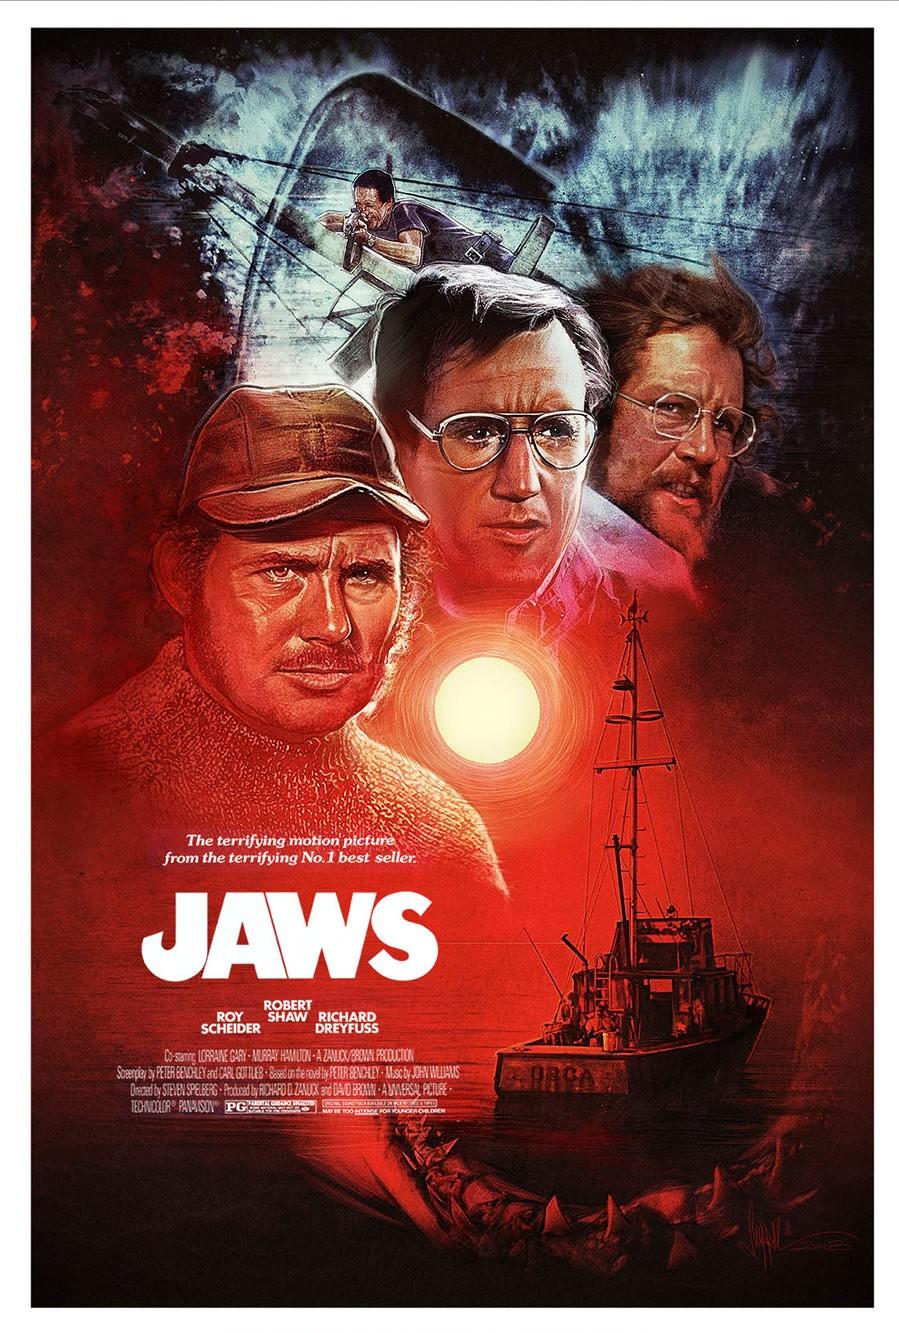 JAWS_ILLO+FINAL_S_poster_e